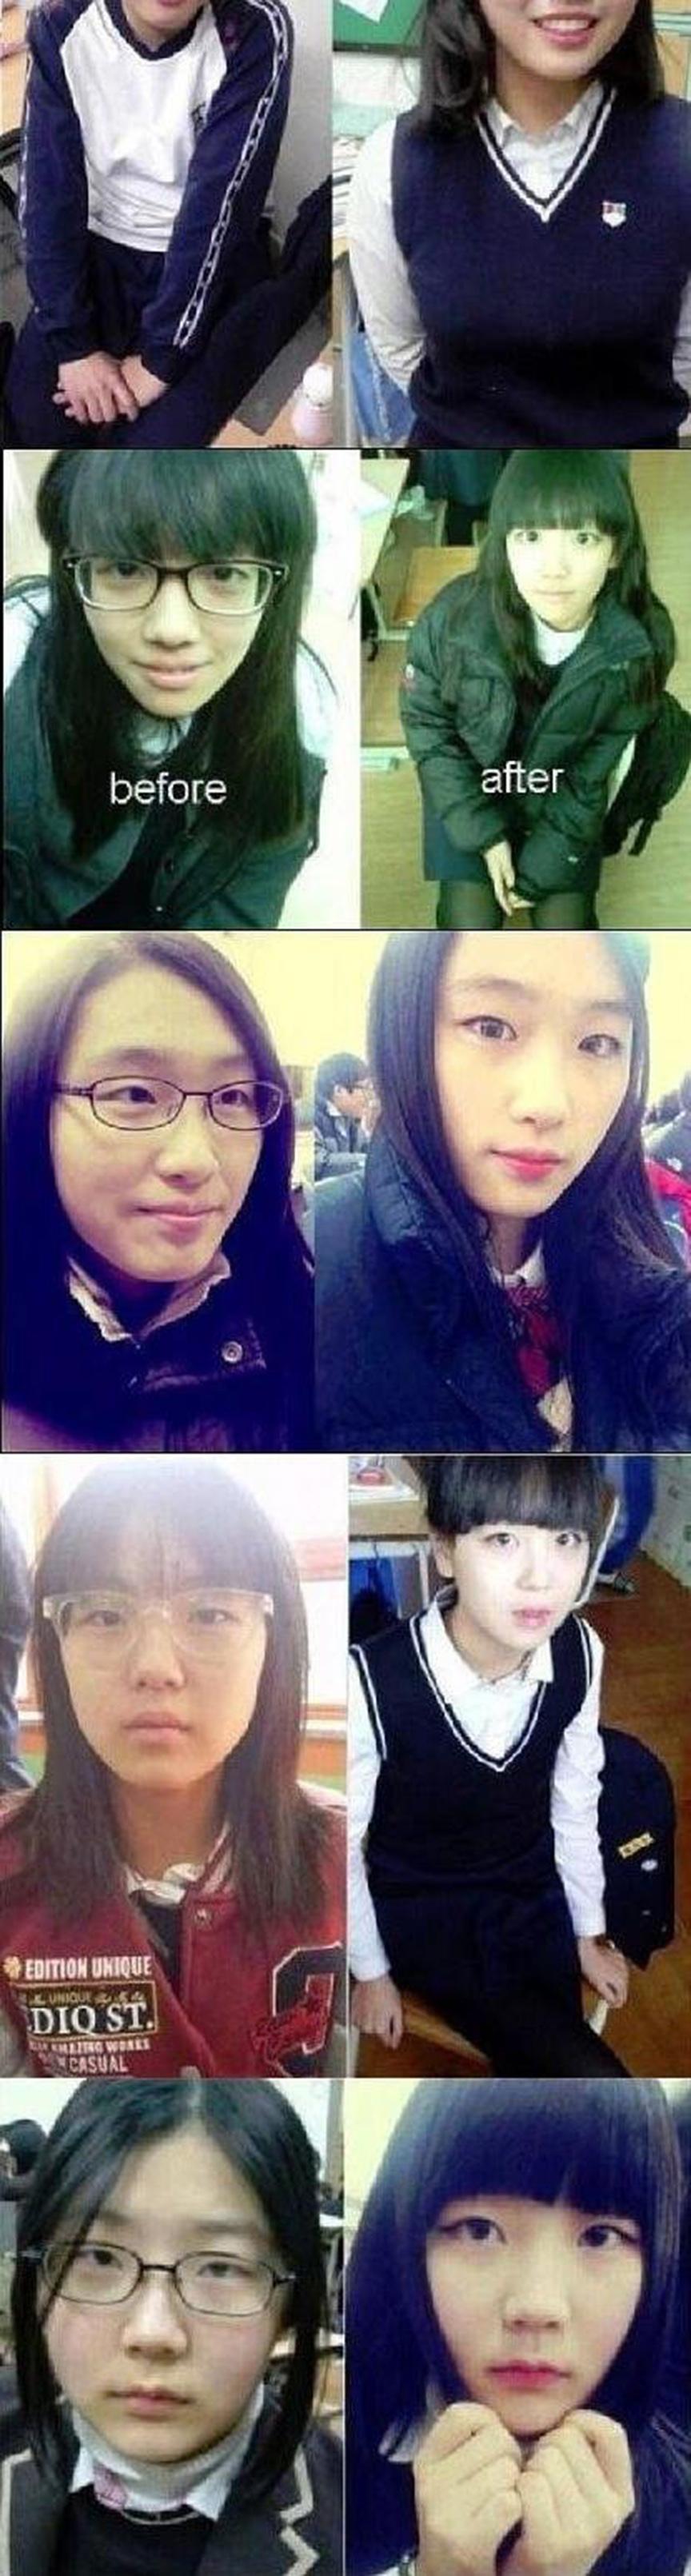 86477-当少女们把眼镜给放下再加上刘海时,神奇的事情就发生了...2